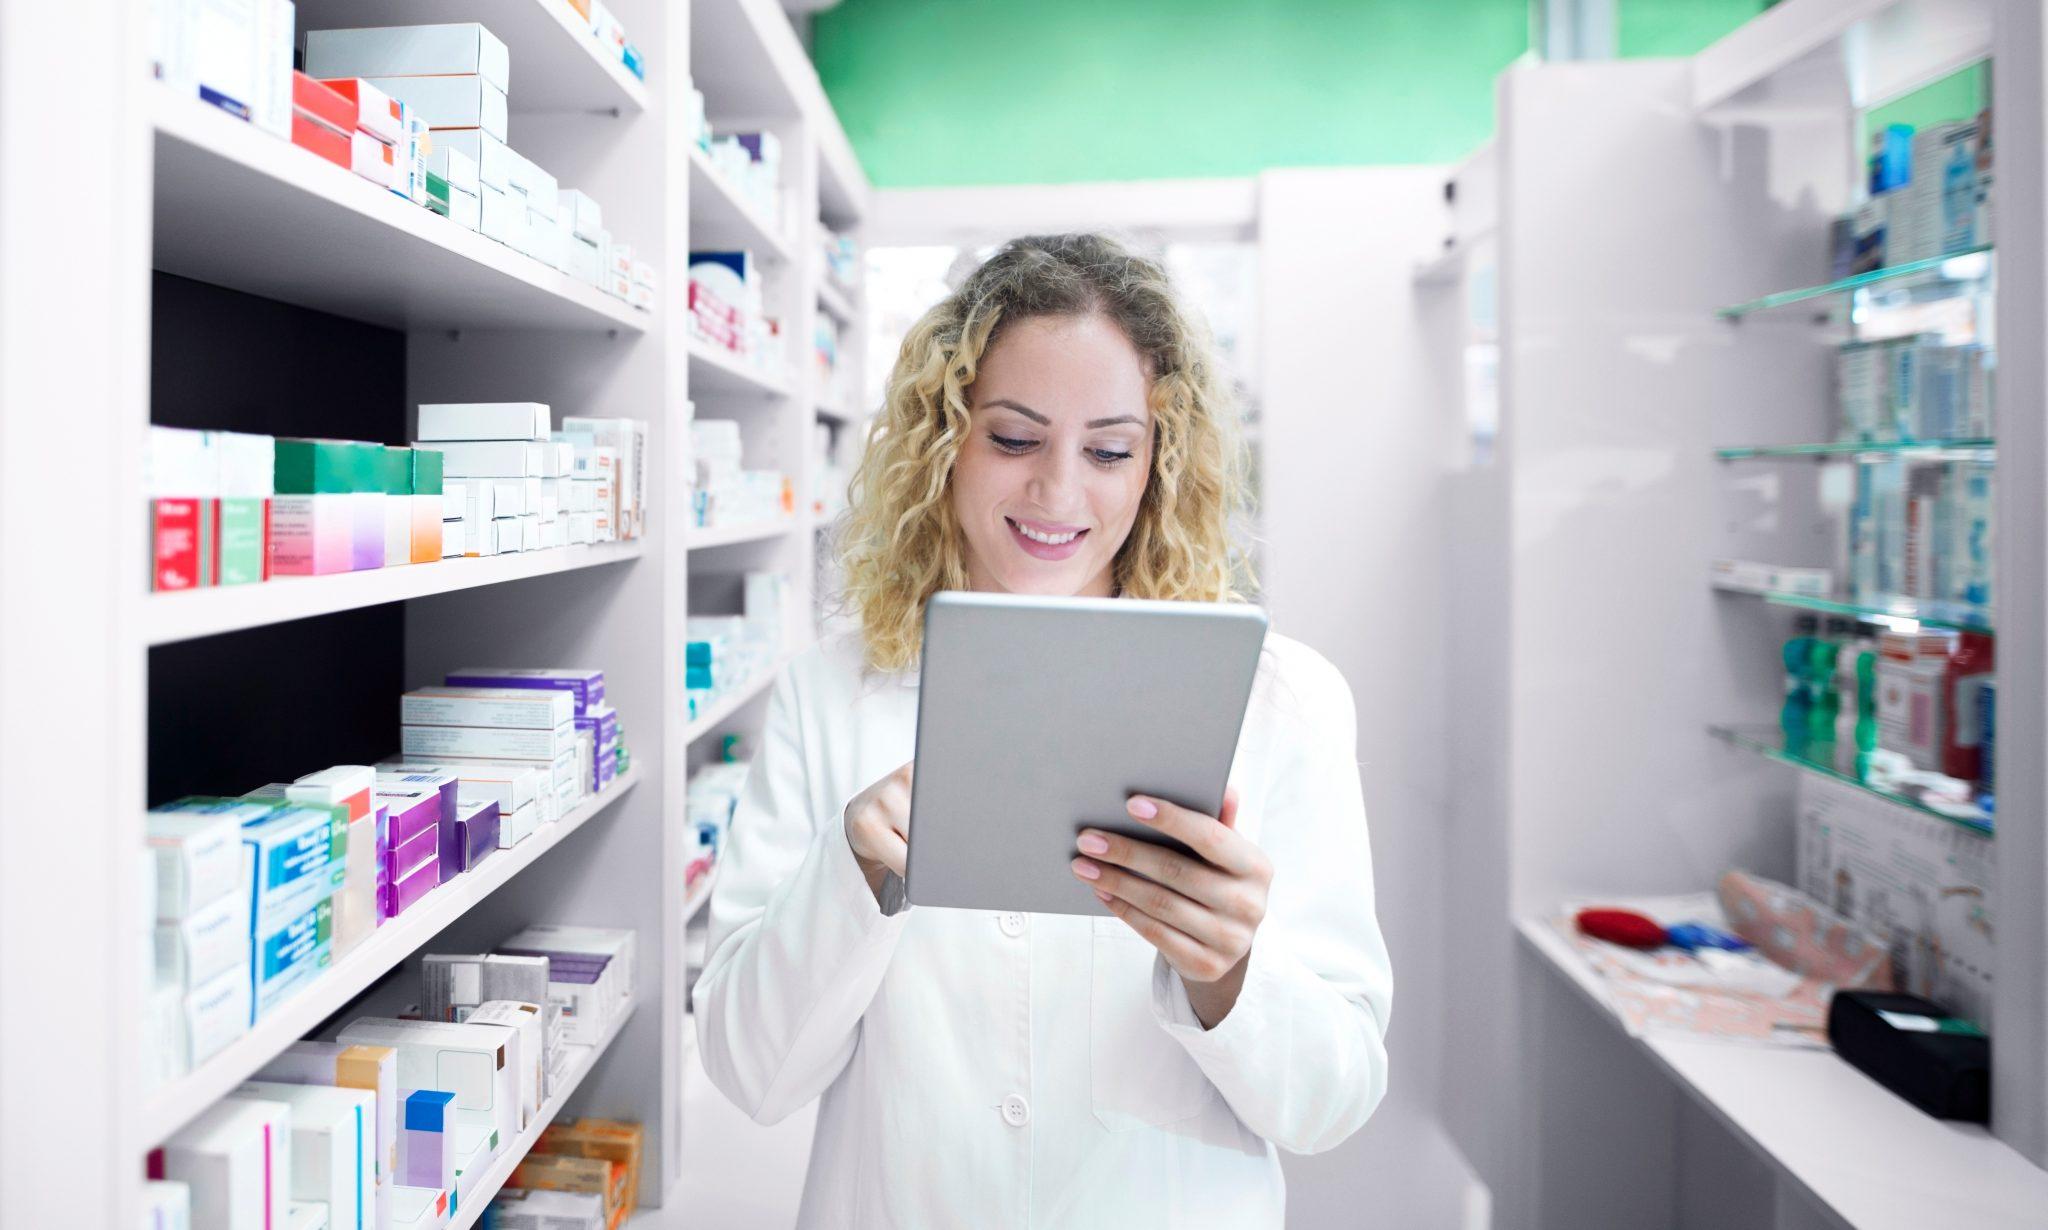 Novas oportunidades para setor de farmácia